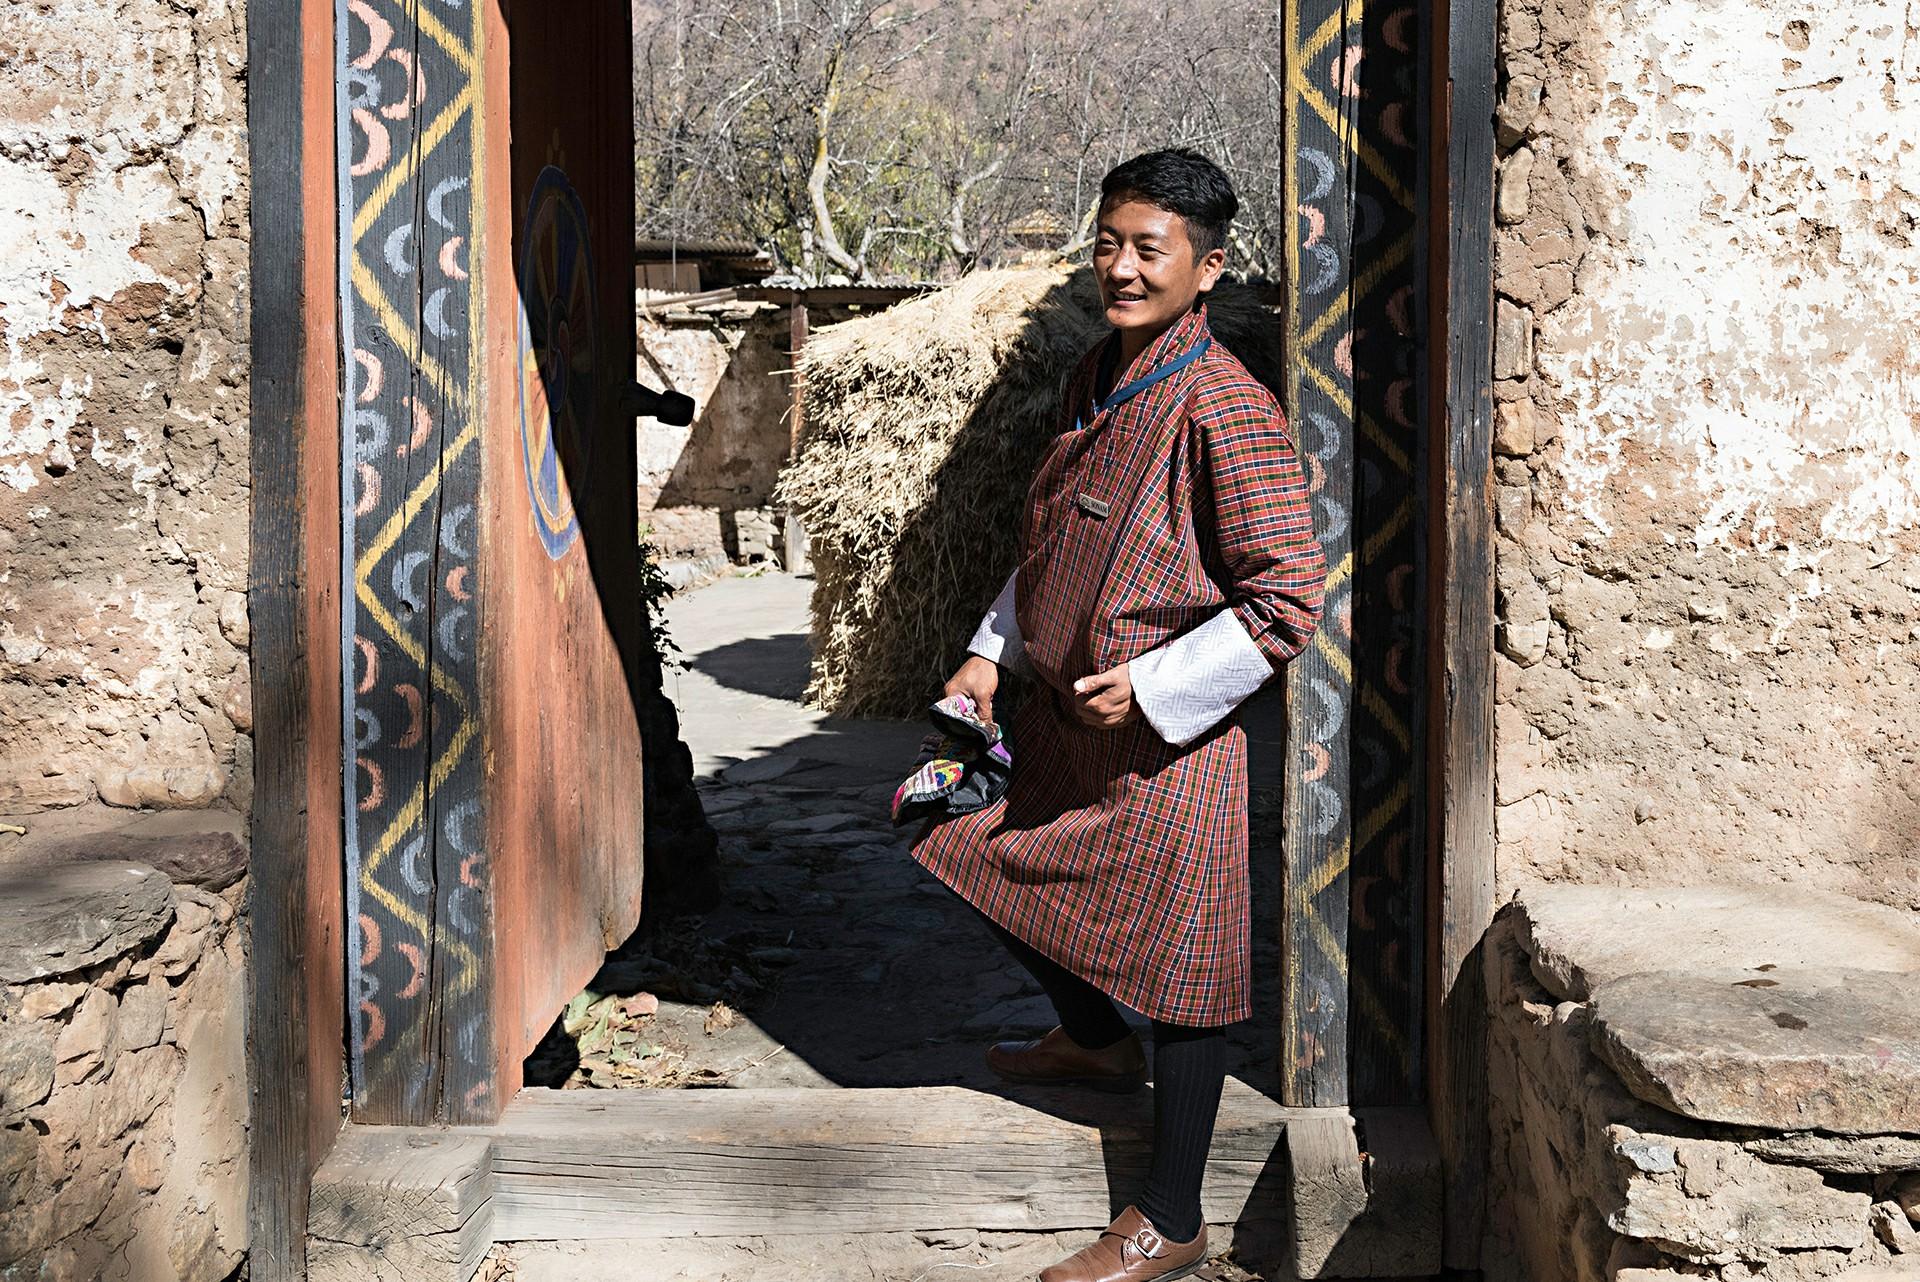 Bután practica un turismo sustentable. Para poder viajar al reino es necesario obtener un permiso y contratar un paquete con todo incluido (hotelería, traslados, comidas y guía), cuyo valor ronda entre los USD 200 y USD 250 por persona y por día. Los guías hablan un inglés impecable, son jóvenes muy amables y gentiles, como es el caso de Sonam, quién nos acompañó siempre sonriente como en la foto